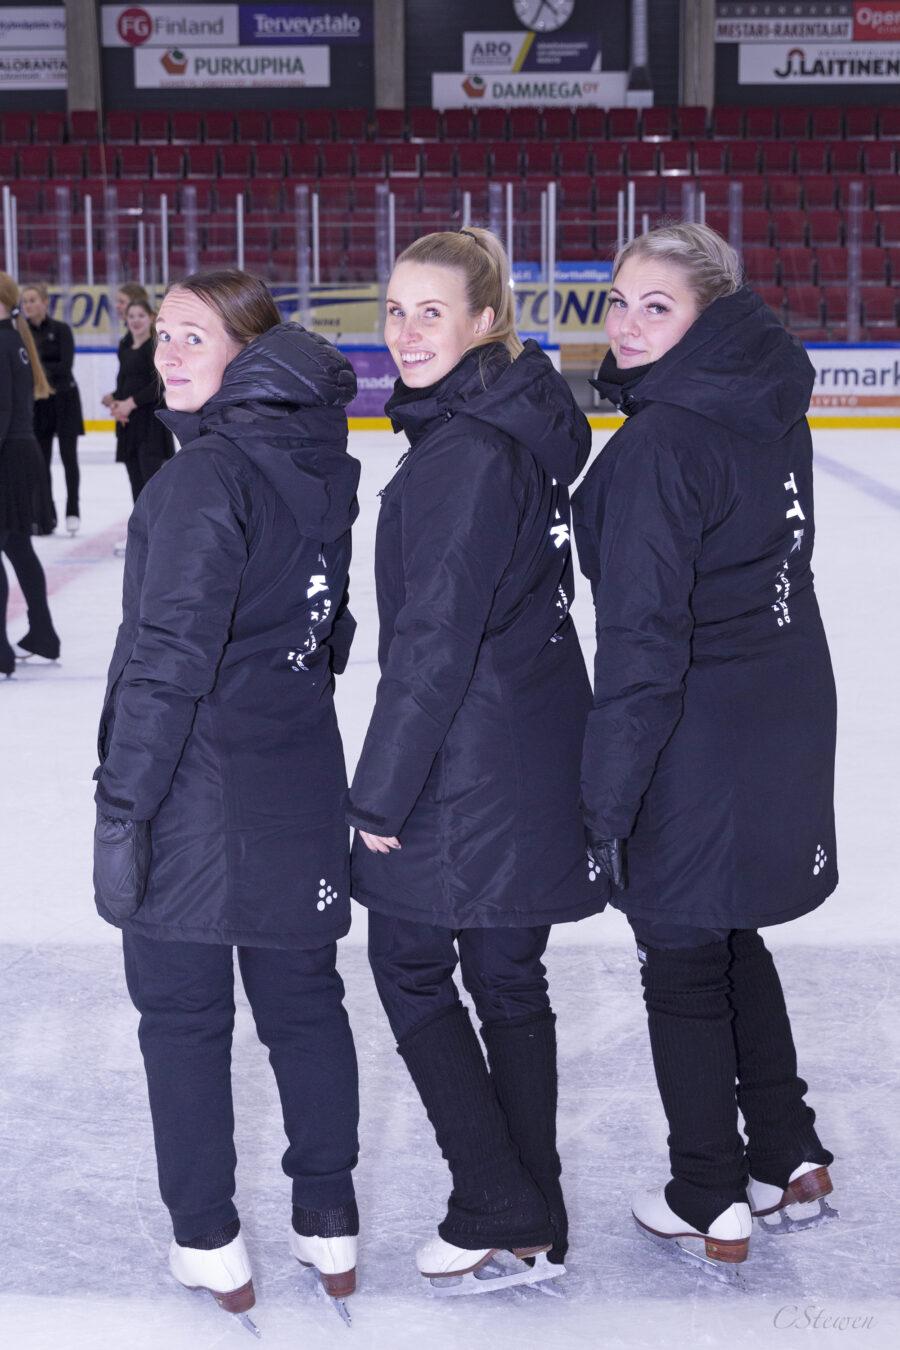 Satu Laitinen, Janniina Pärssinen ja Essi Bruun uskovat huumorin voimaan. Kuva Catarina Stewen